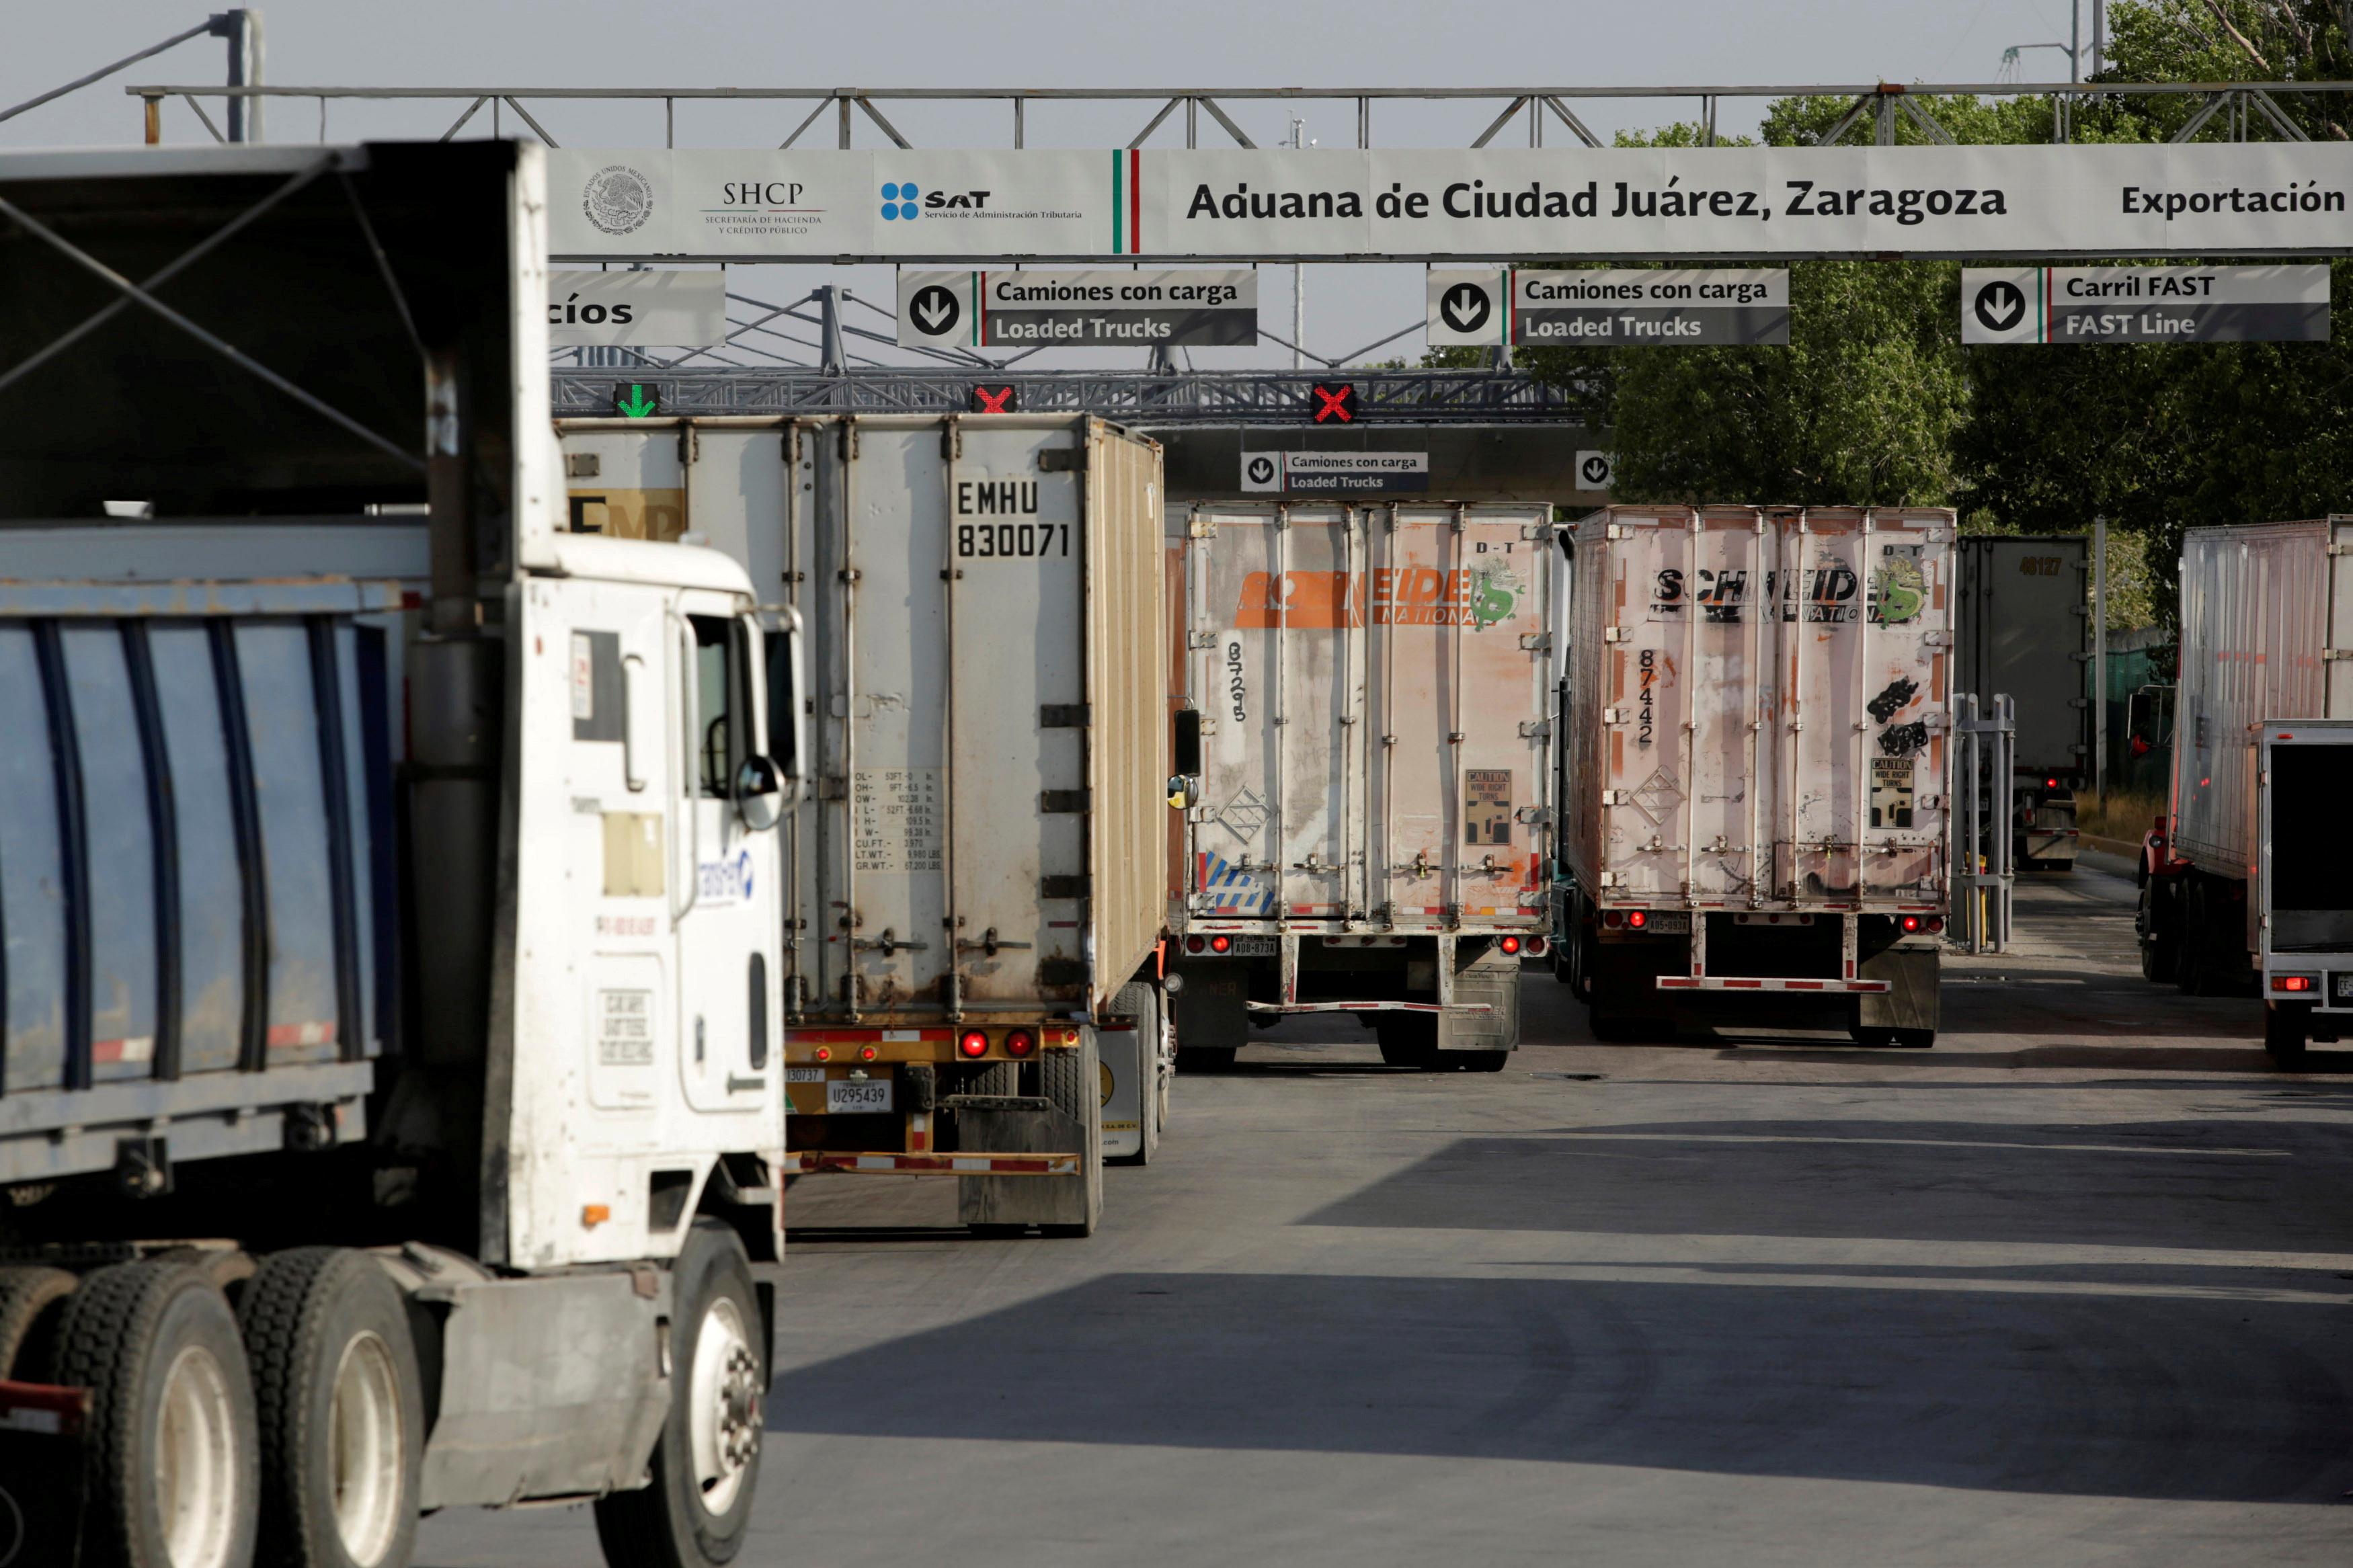 El T-MEC ya arrancó, pero fallas en aduanas ponen en riesgo acciones de maquiladoras